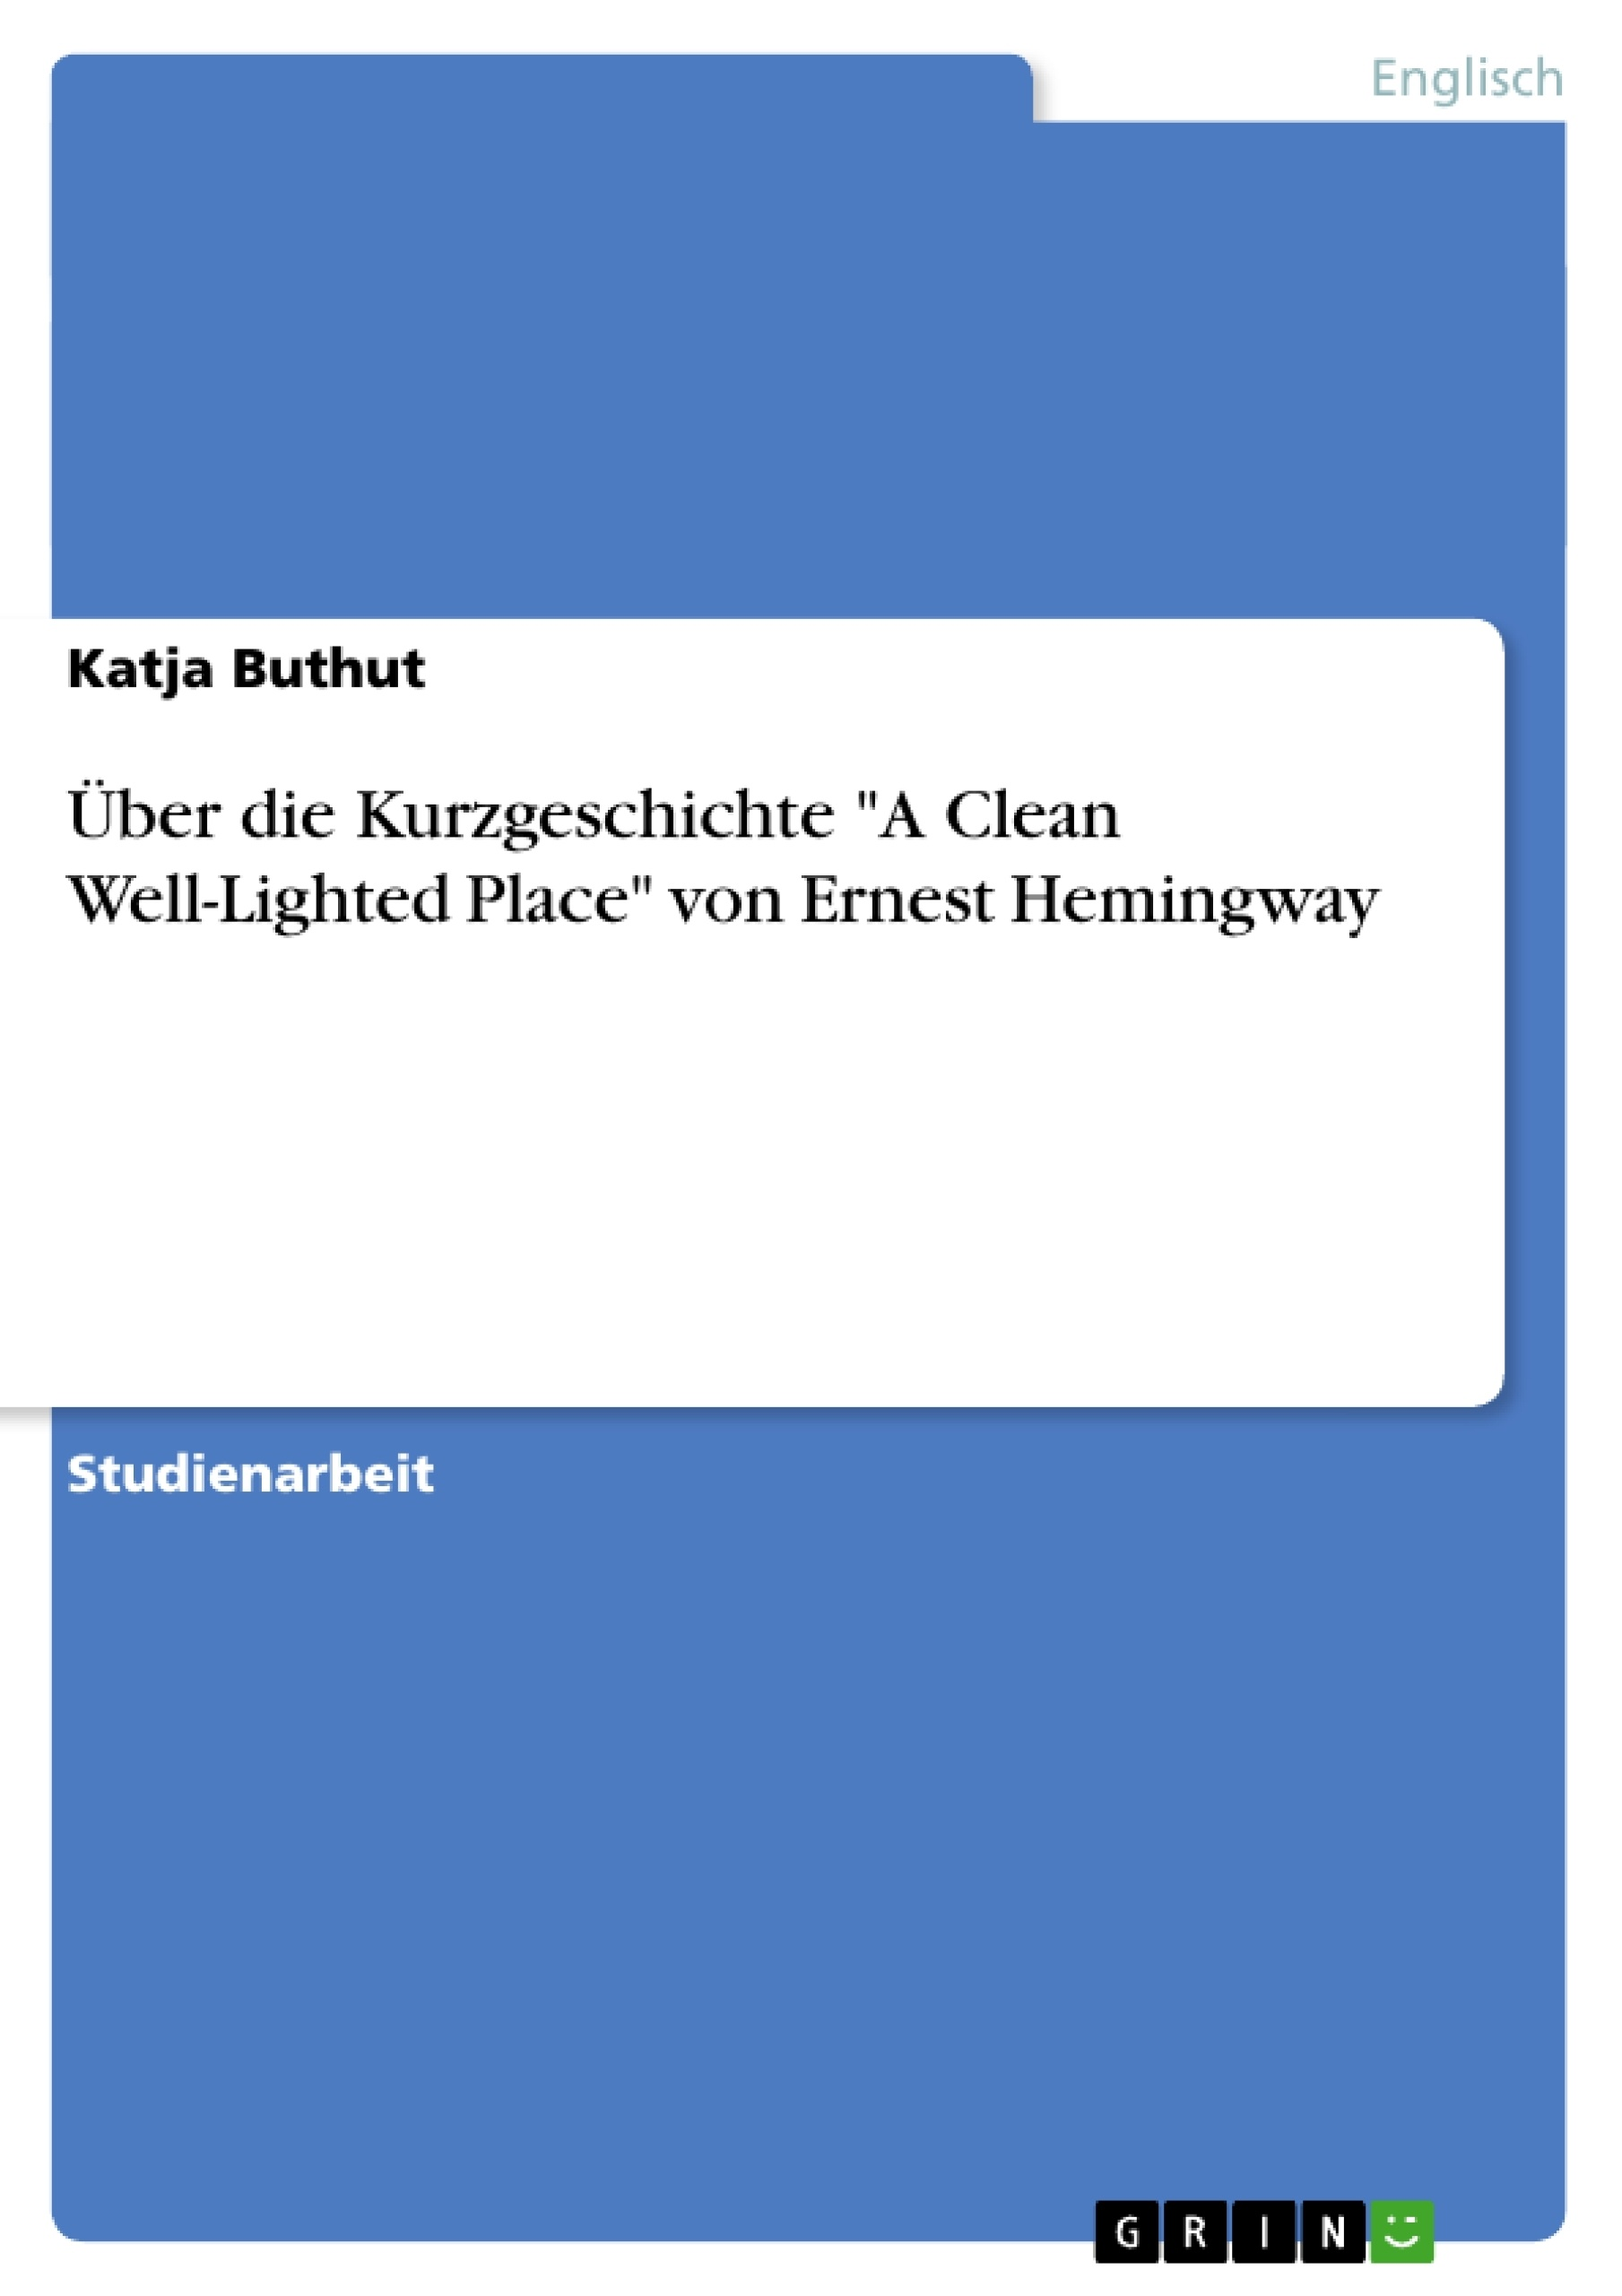 """Titel: Über die Kurzgeschichte """"A Clean Well-Lighted Place"""" von Ernest Hemingway"""